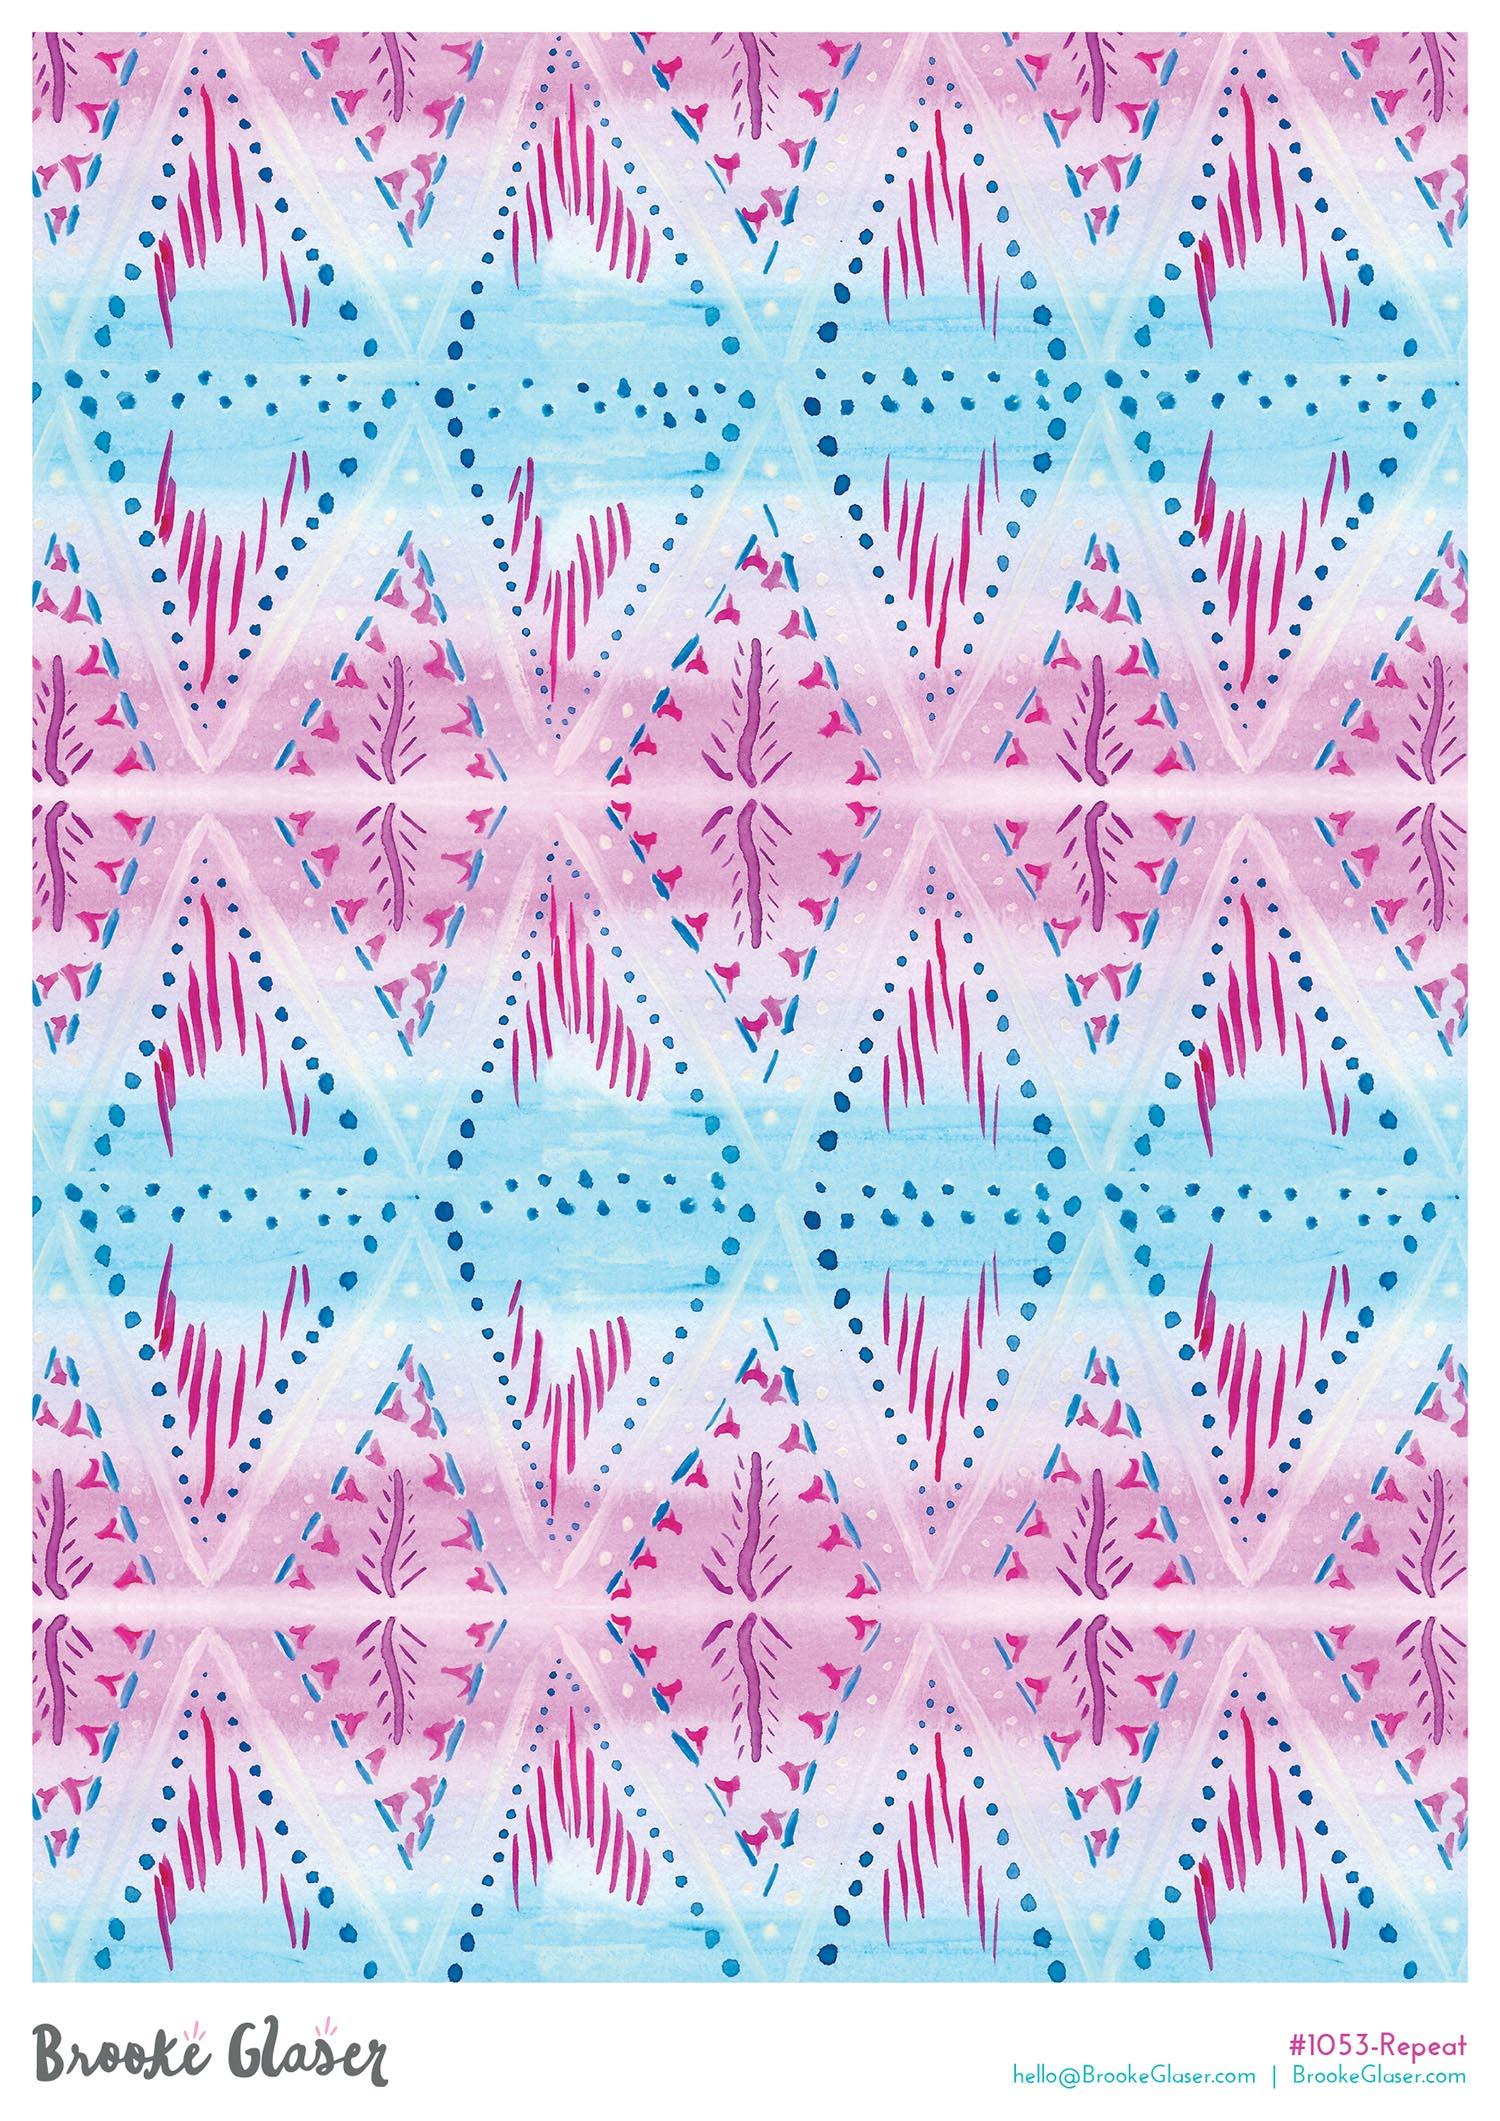 Brooke-Glaser-Prints9.jpg